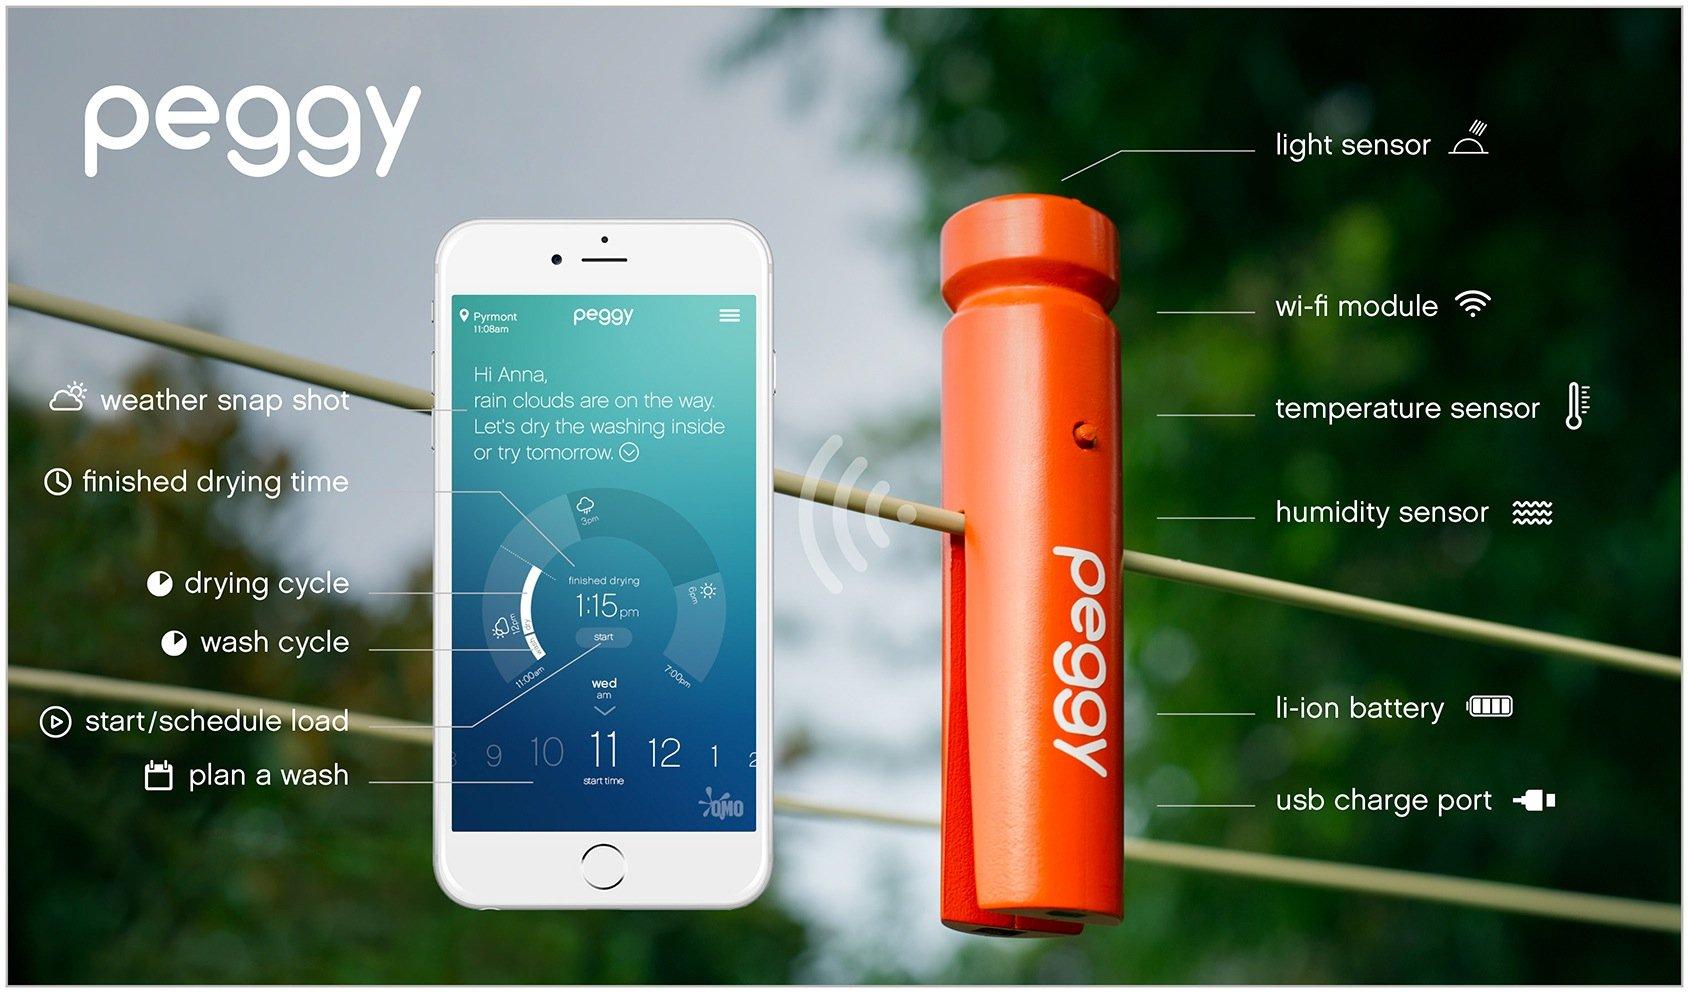 Mit der smarten Wäscheklammer Peggy und der zugehörigen App will Omo in Australien das Wäschetrocknen an der frischen Luft erleichtern.